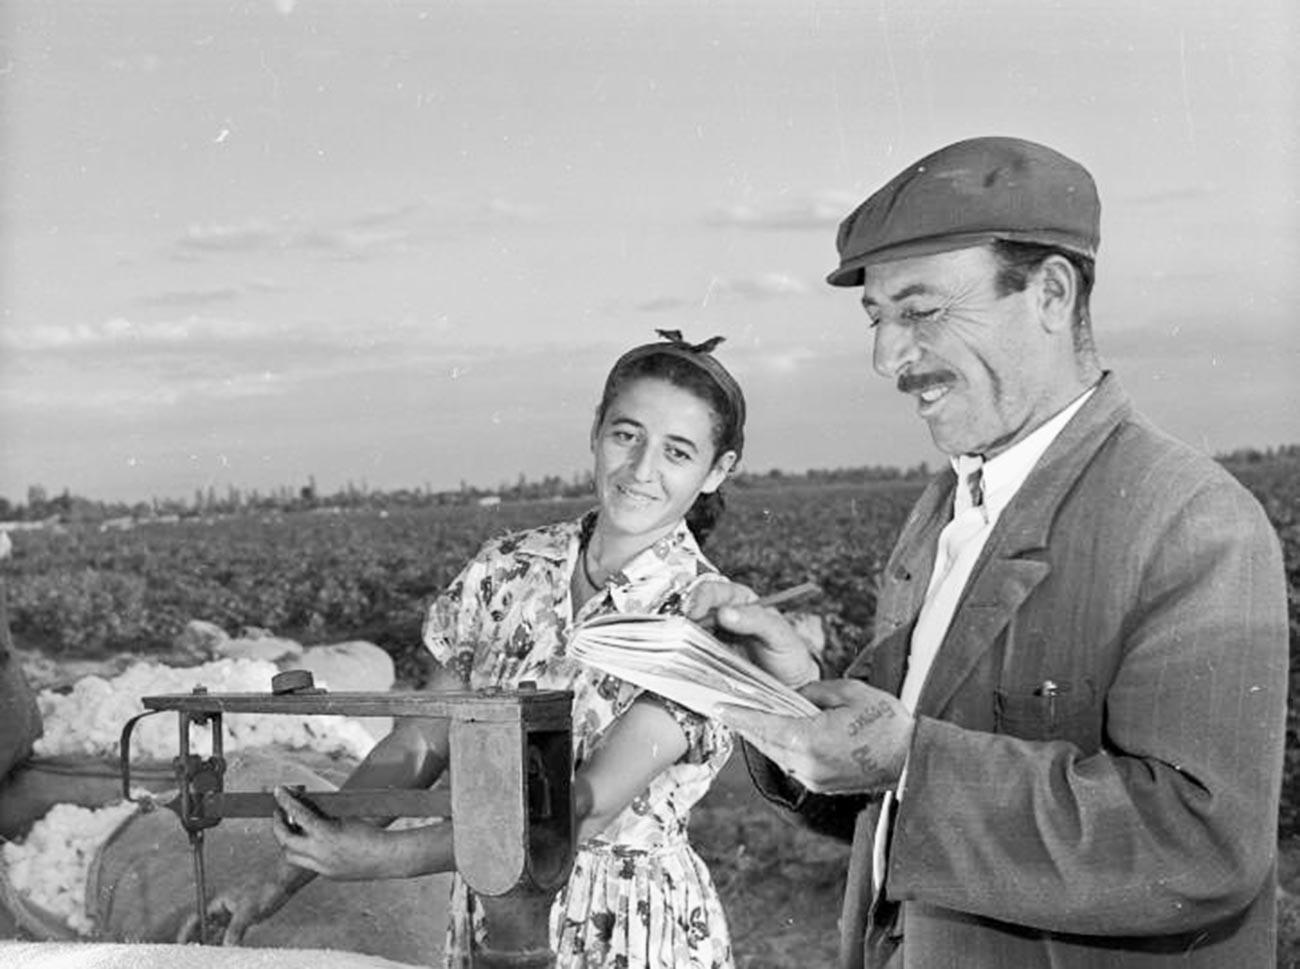 Des kolkhoziens arméniens pesant les récoltes de coton en 1955-1965